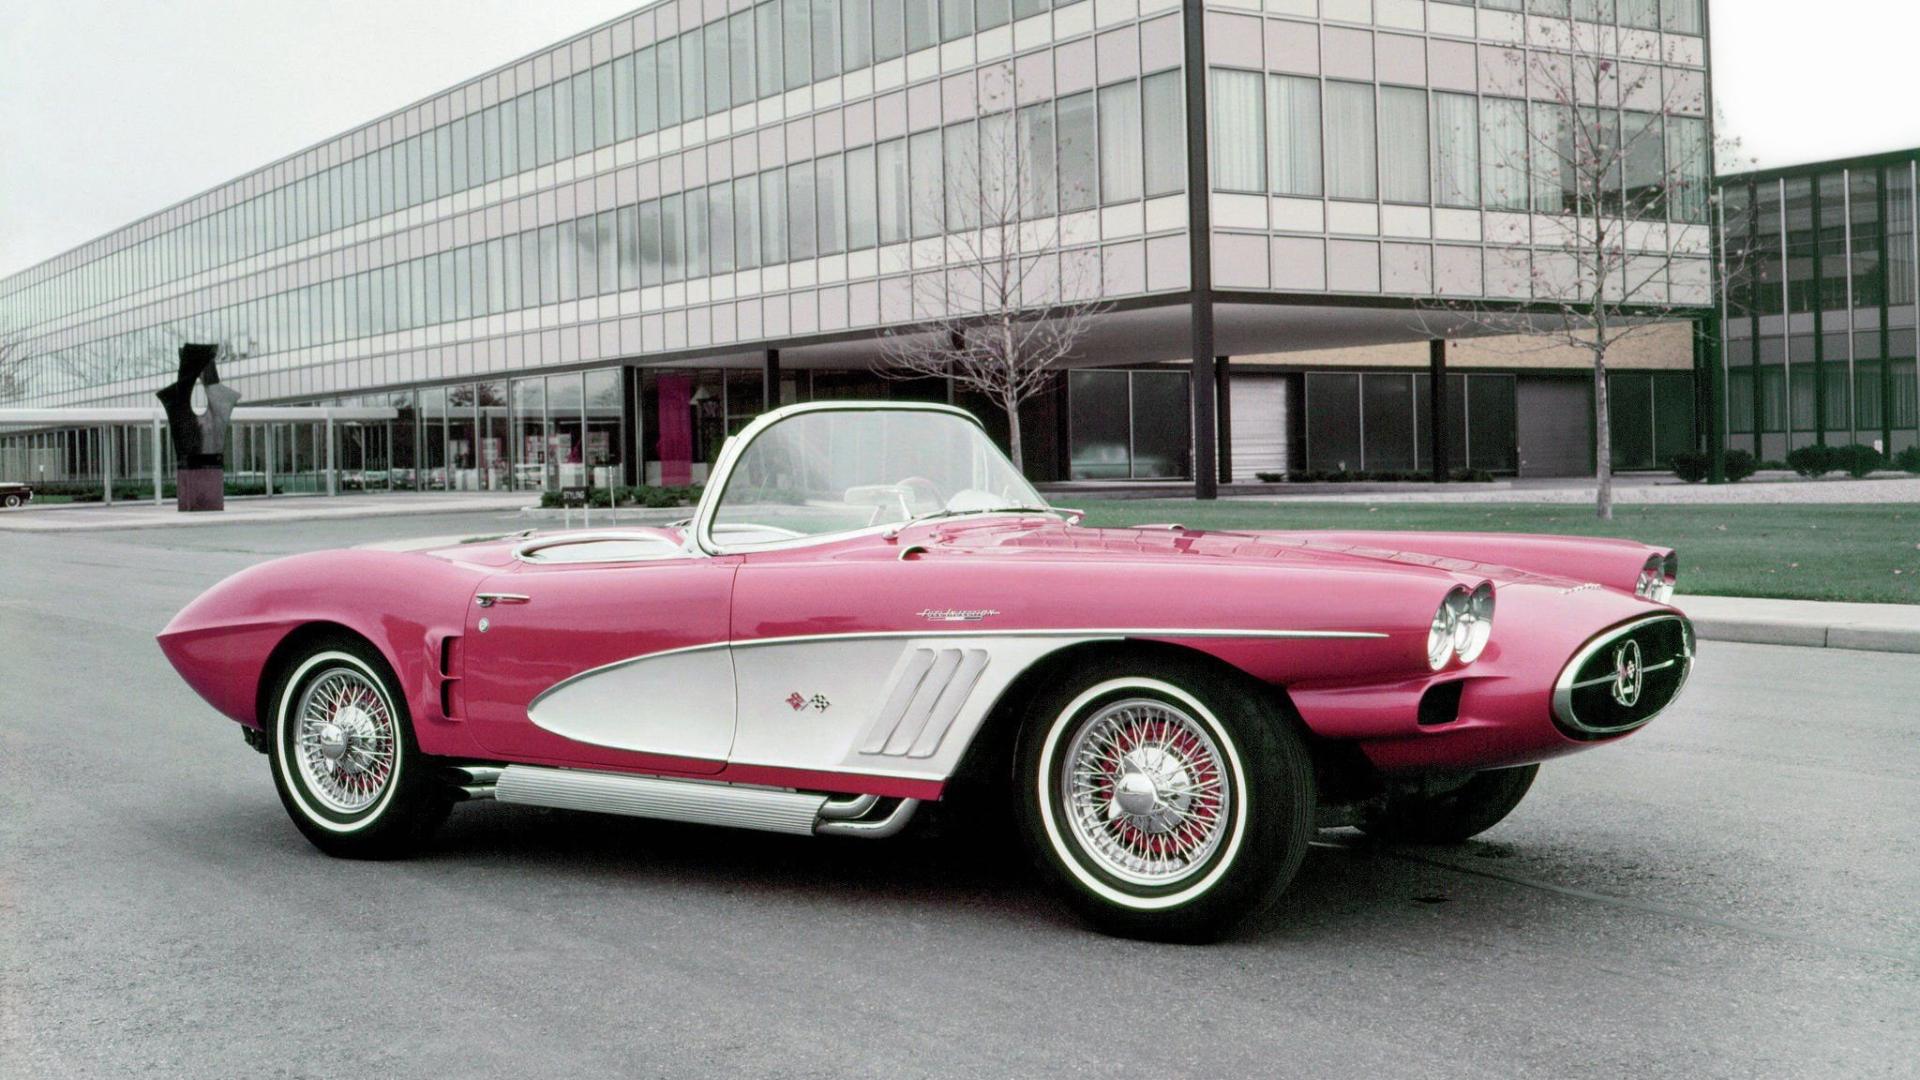 1958 Corvette Wallpapers